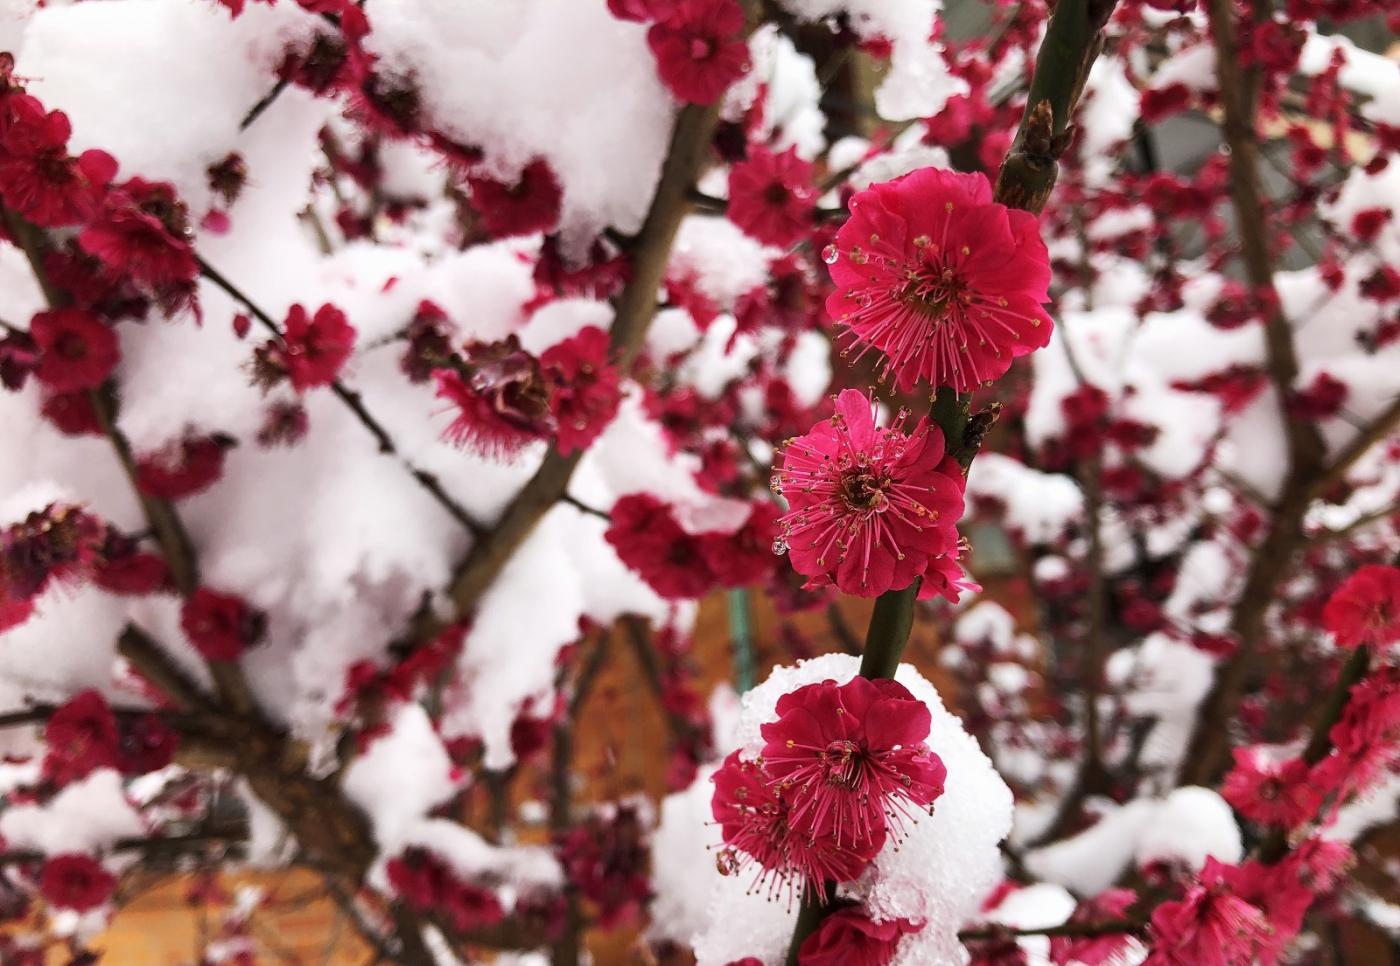 【田螺手机摄影】今早下雪去拍梅花_图1-15